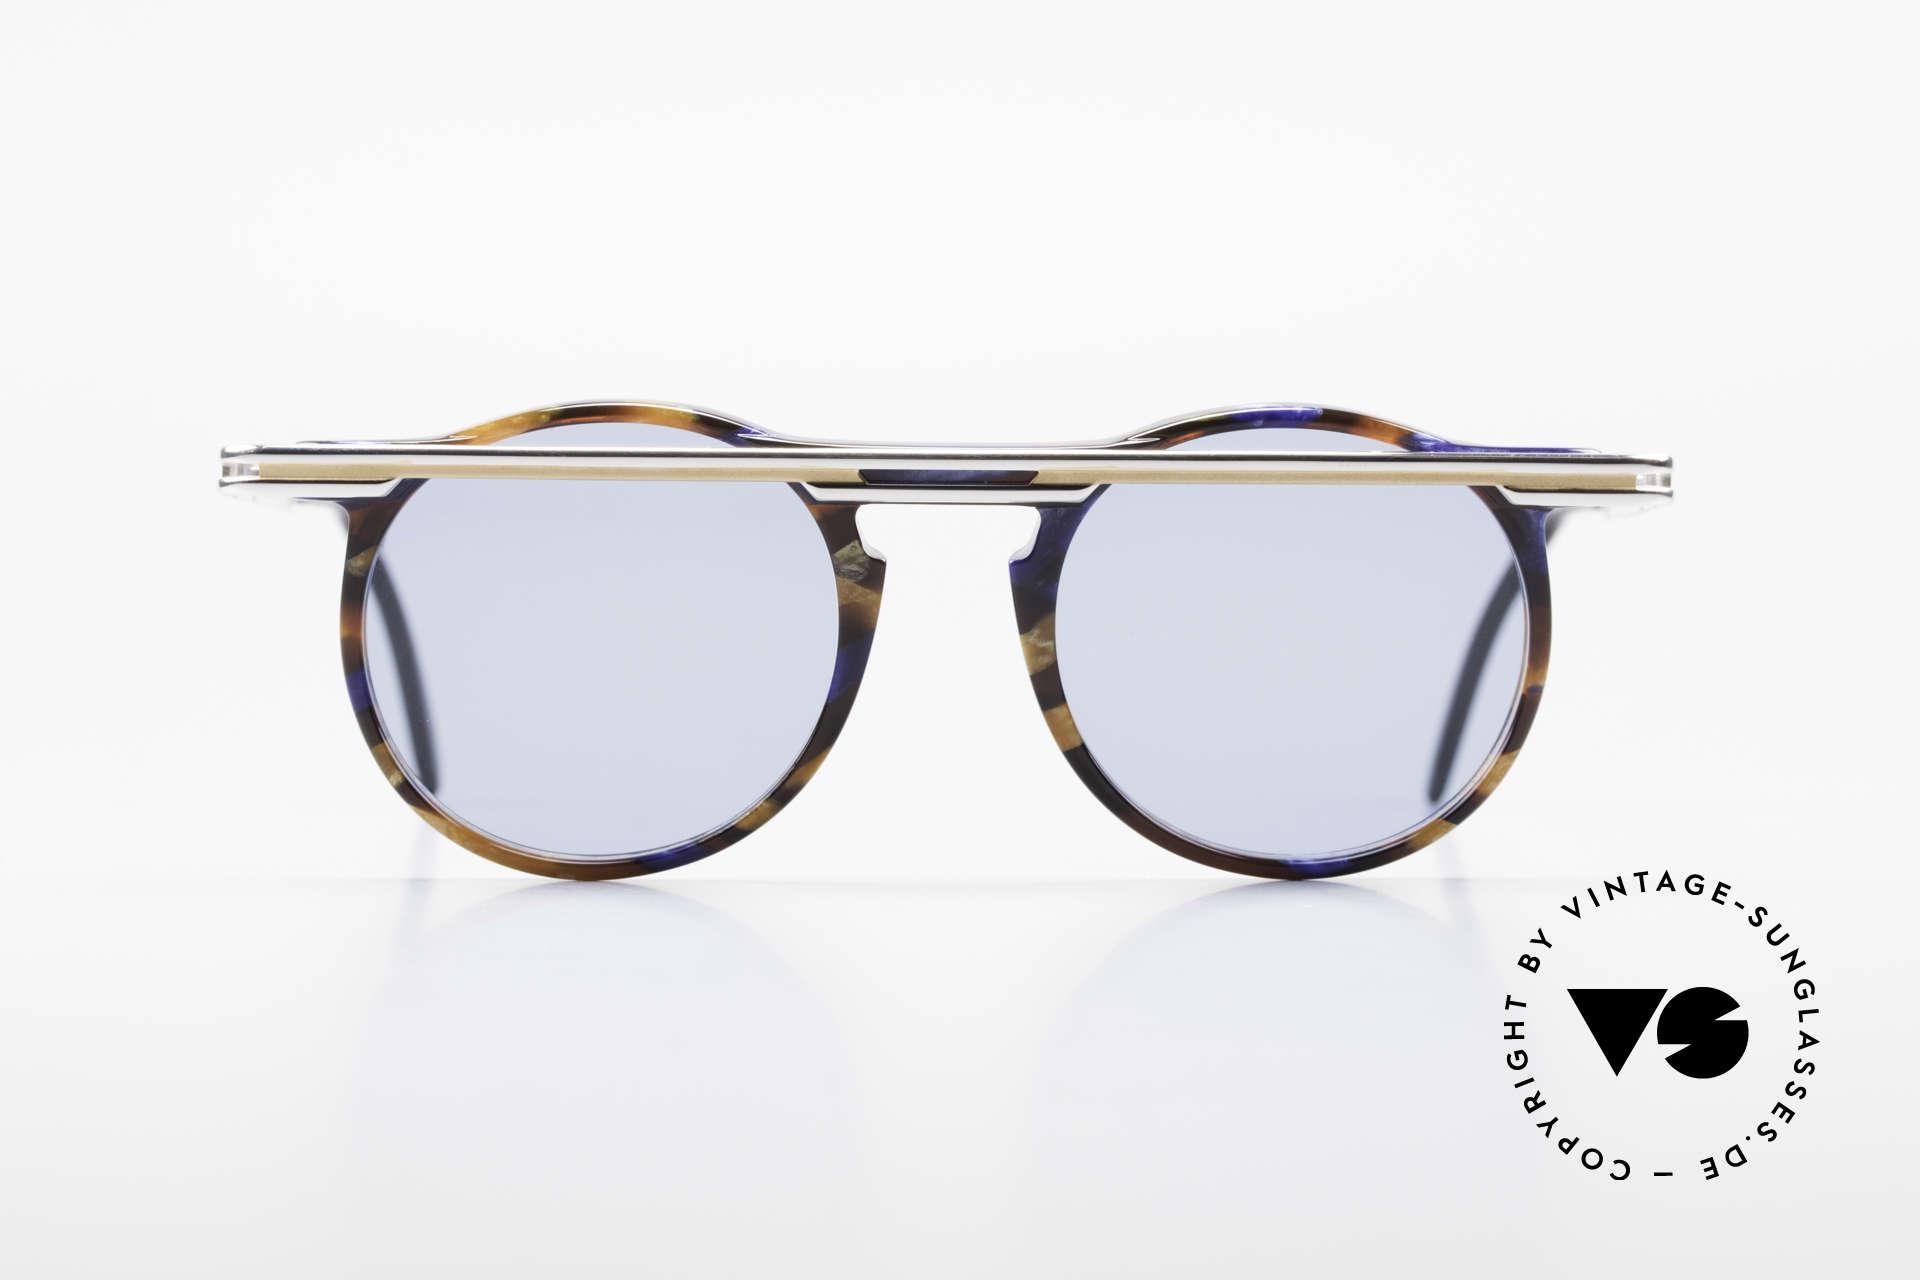 Cazal 648 Alte Cari Zalloni 90er Brille, vom Designer Cari Zalloni getragen (siehe Booklet), Passend für Herren und Damen